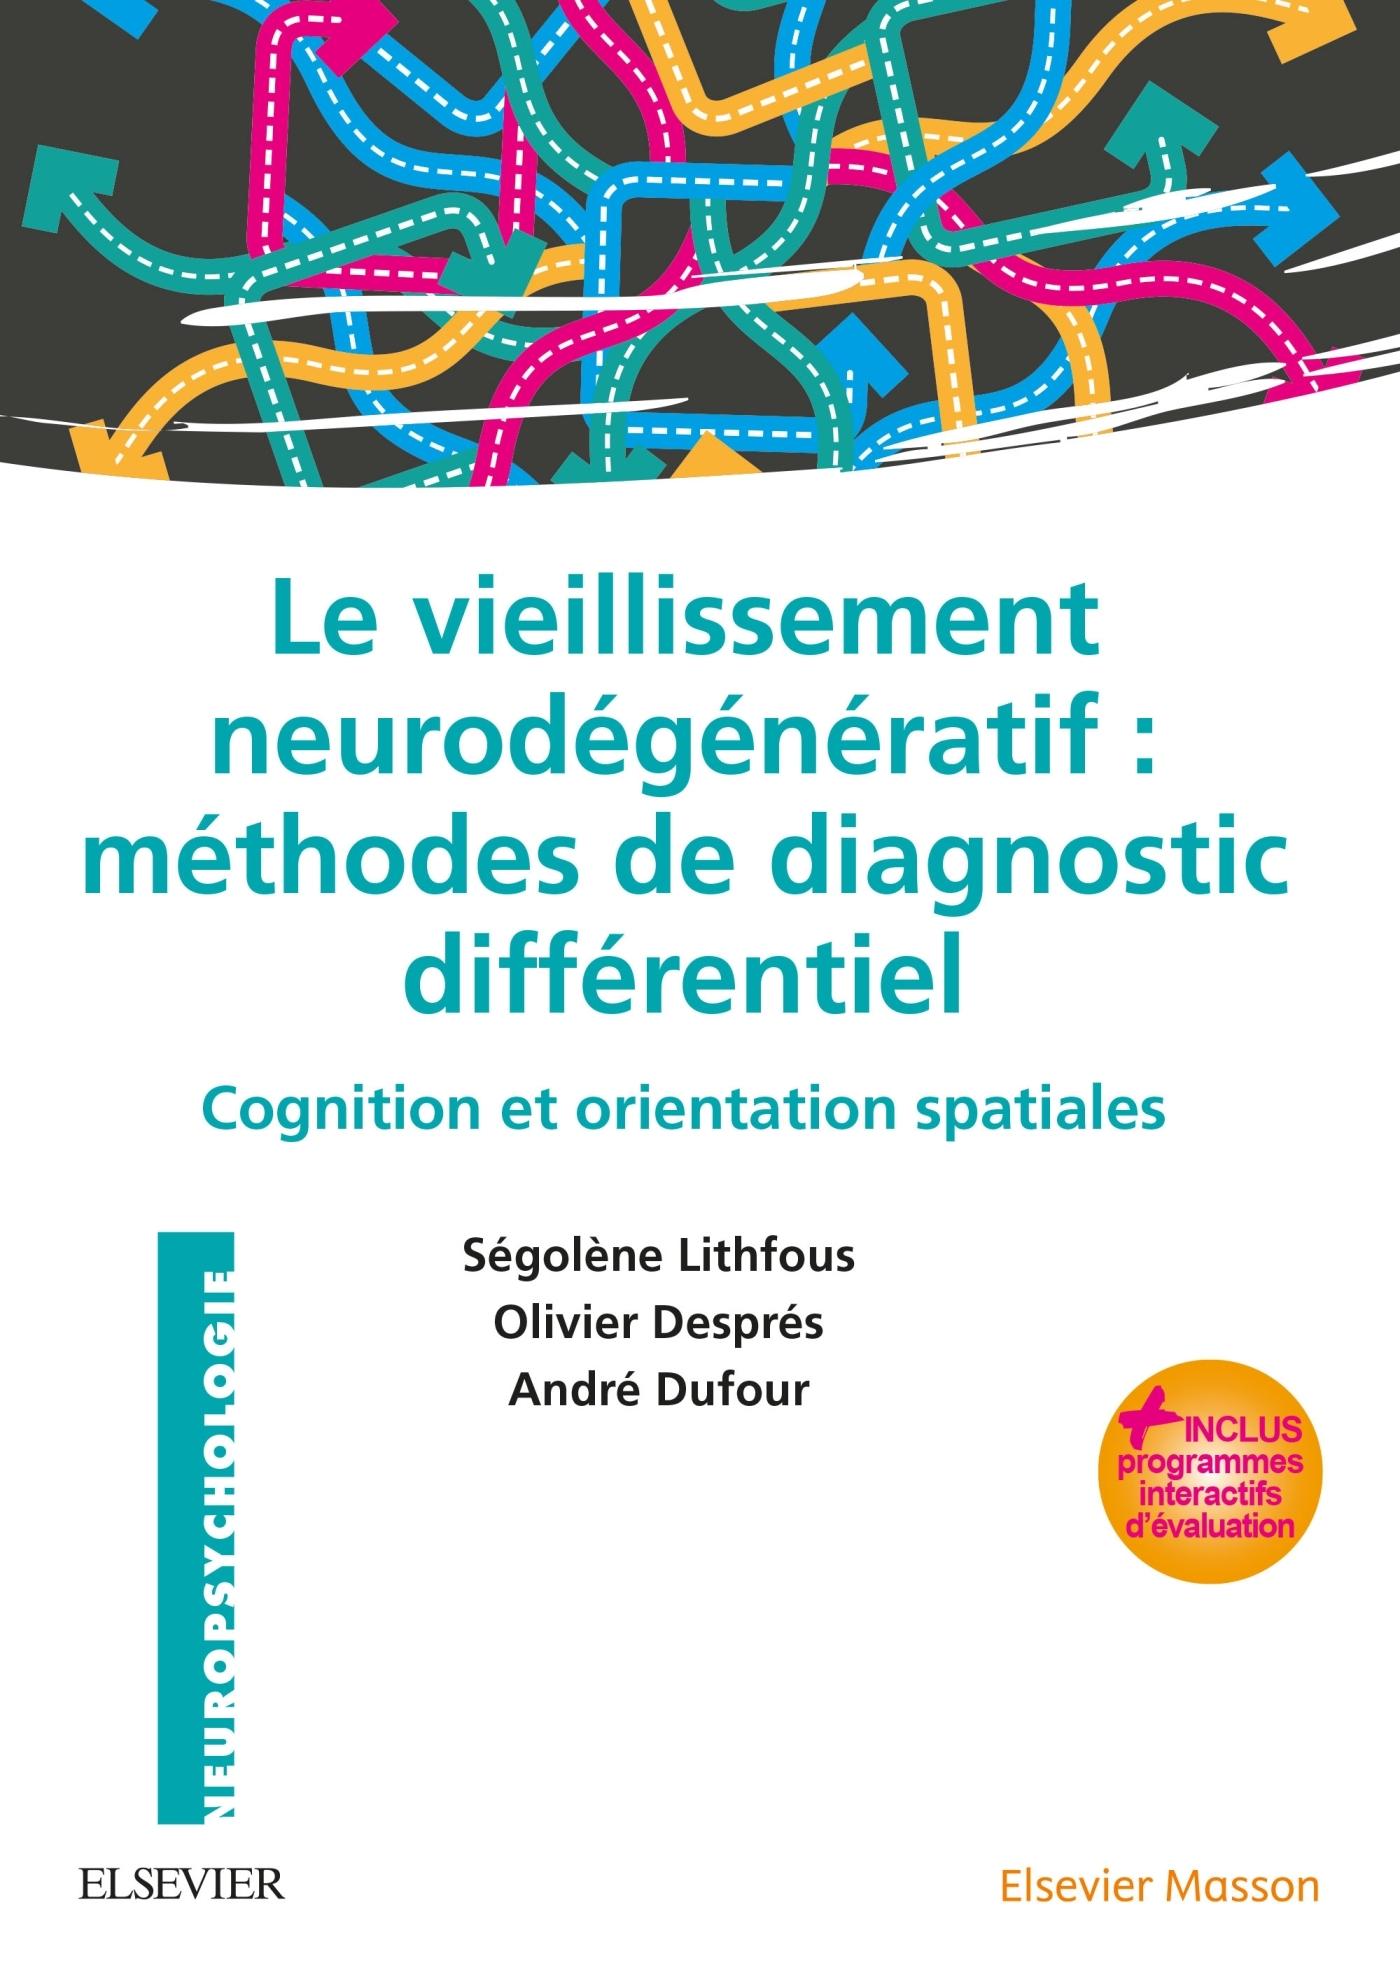 LE VIEILLISSEMENT NEURODEGENERATIF : METHODES DE DIAGNOSTIC DIFFERENTIEL